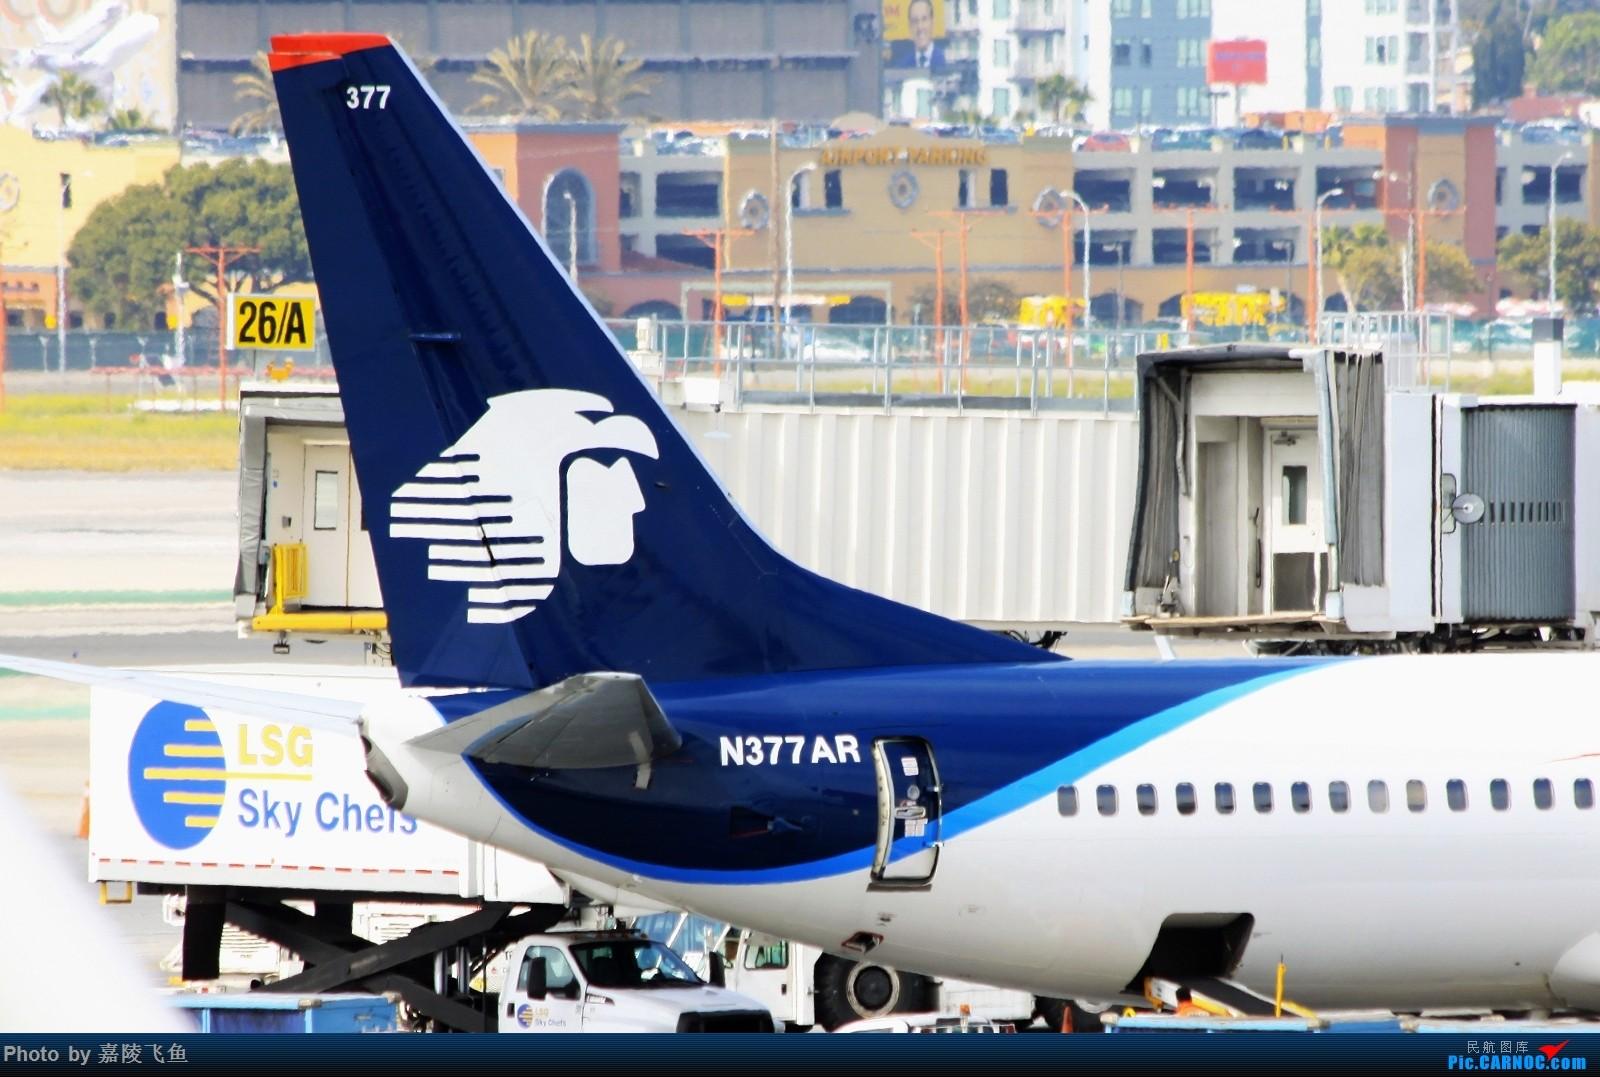 Re:[原创]洛杉矶机场拍飞机 BOEING 737-800 N377AR 美国洛杉矶机场